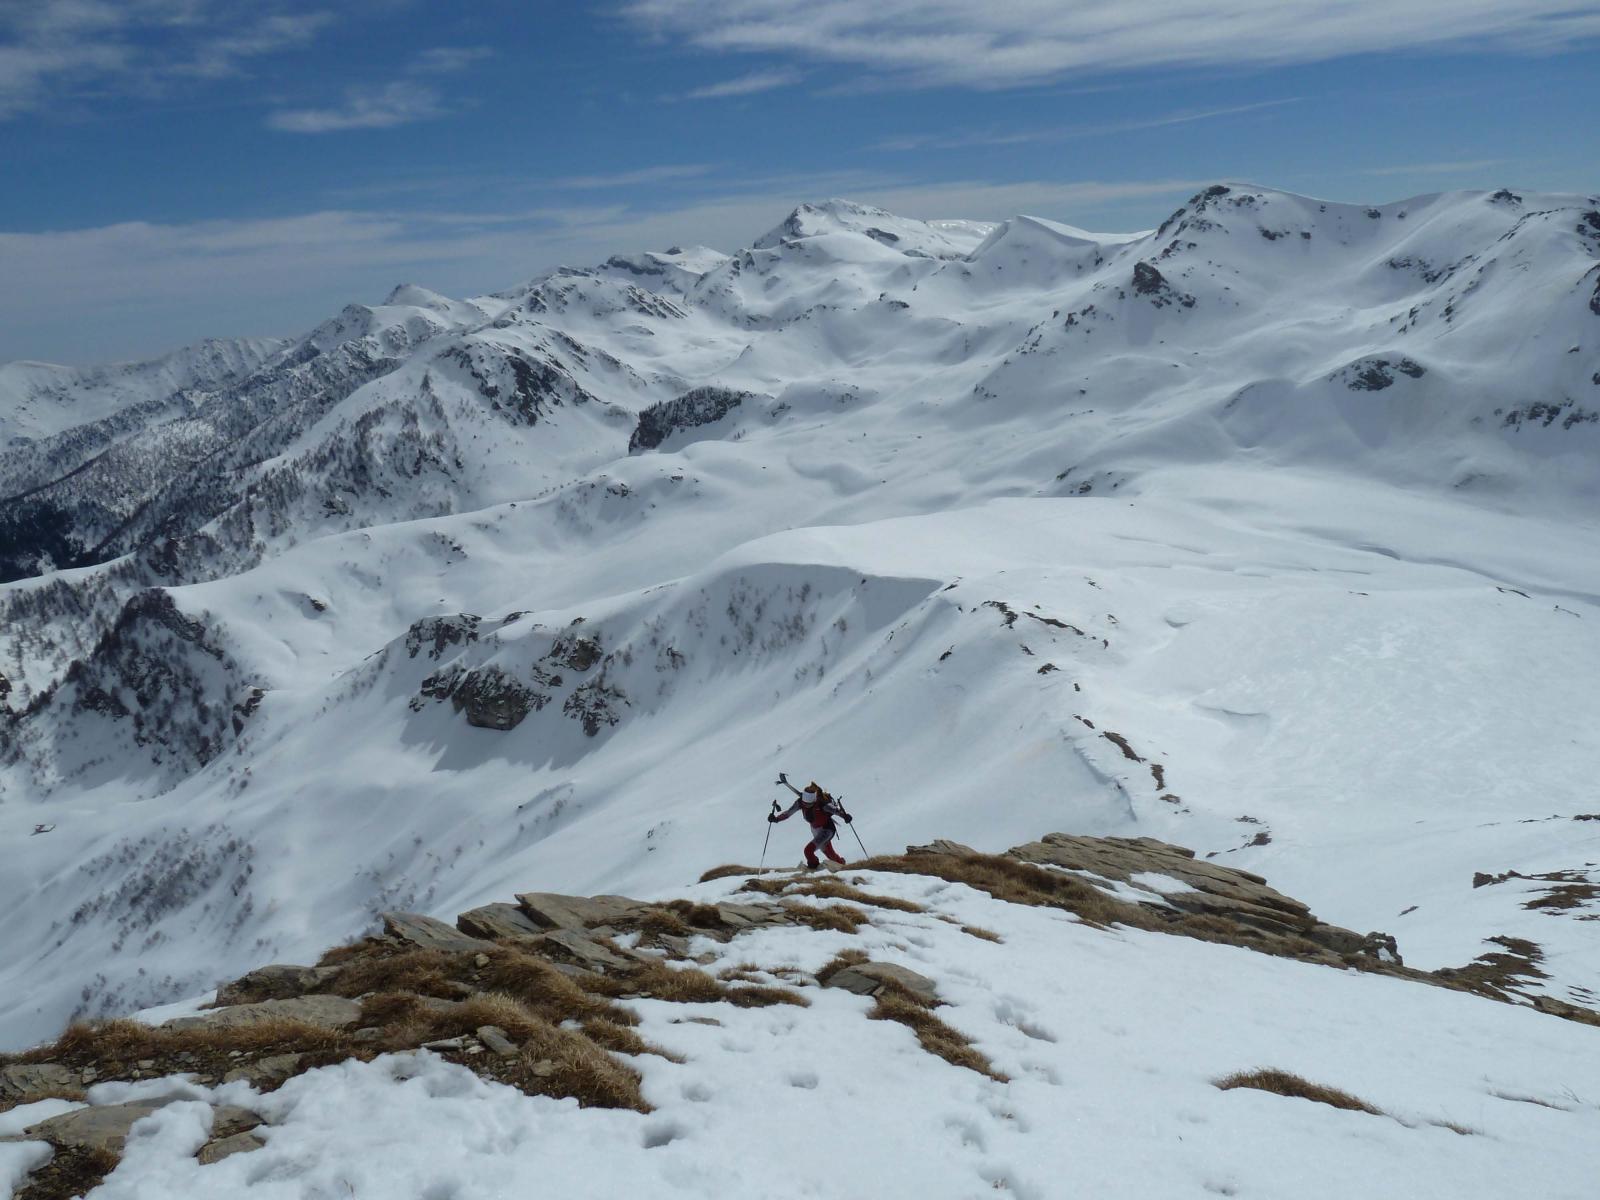 Risalita al Mondolè con finale alpinistico